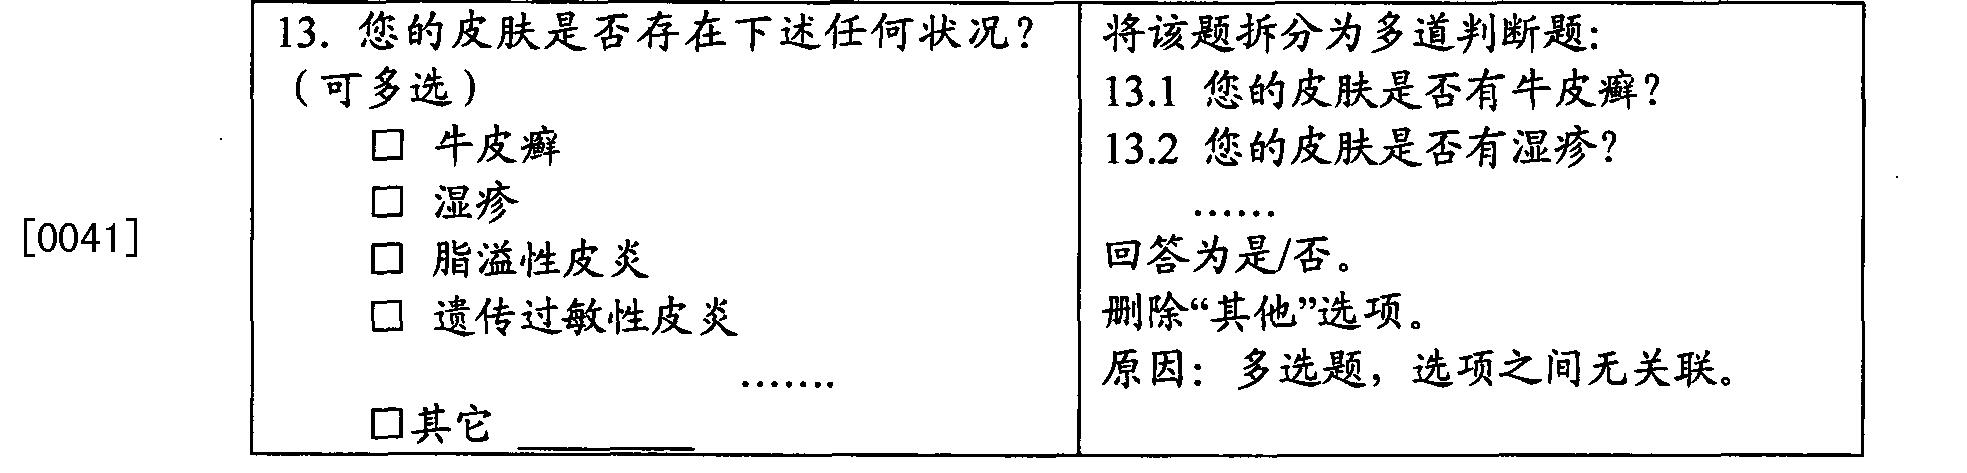 Figure CN101916334BD00072